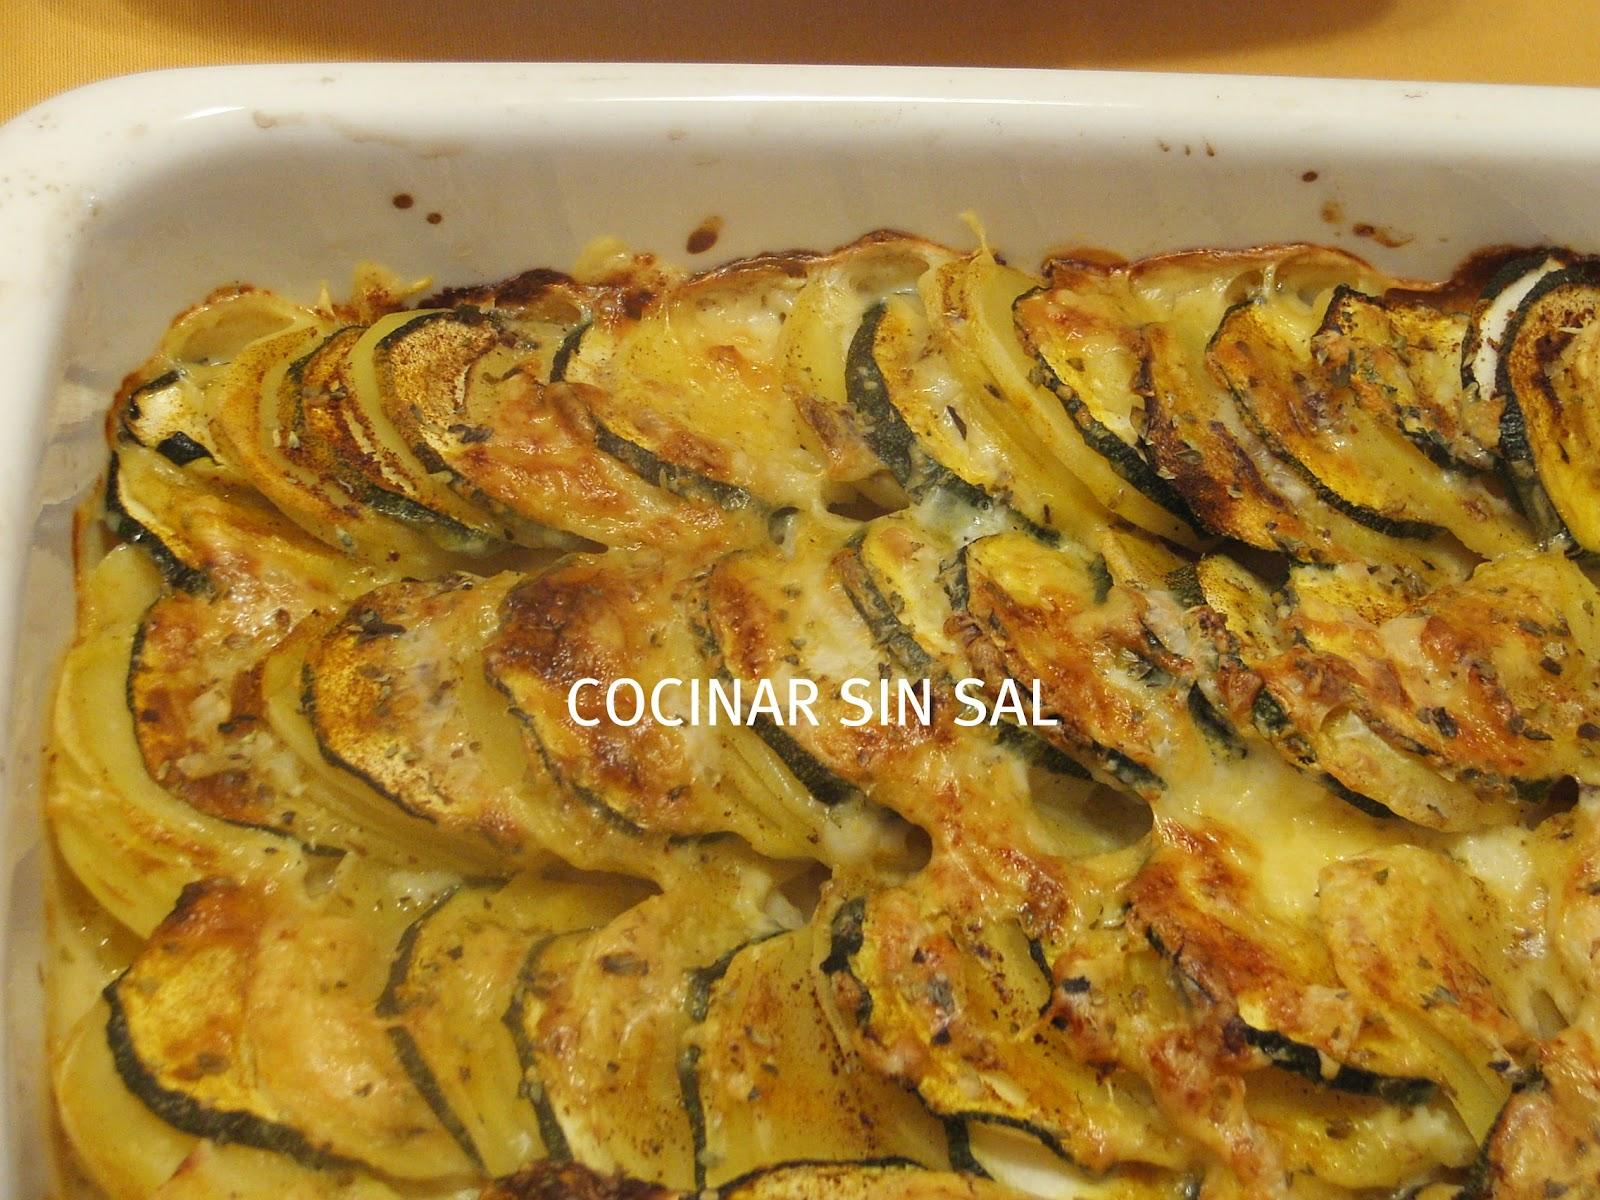 Cocinar sin sal patatas con verduras gratinadas sin sal - Cocinar sin sal ...